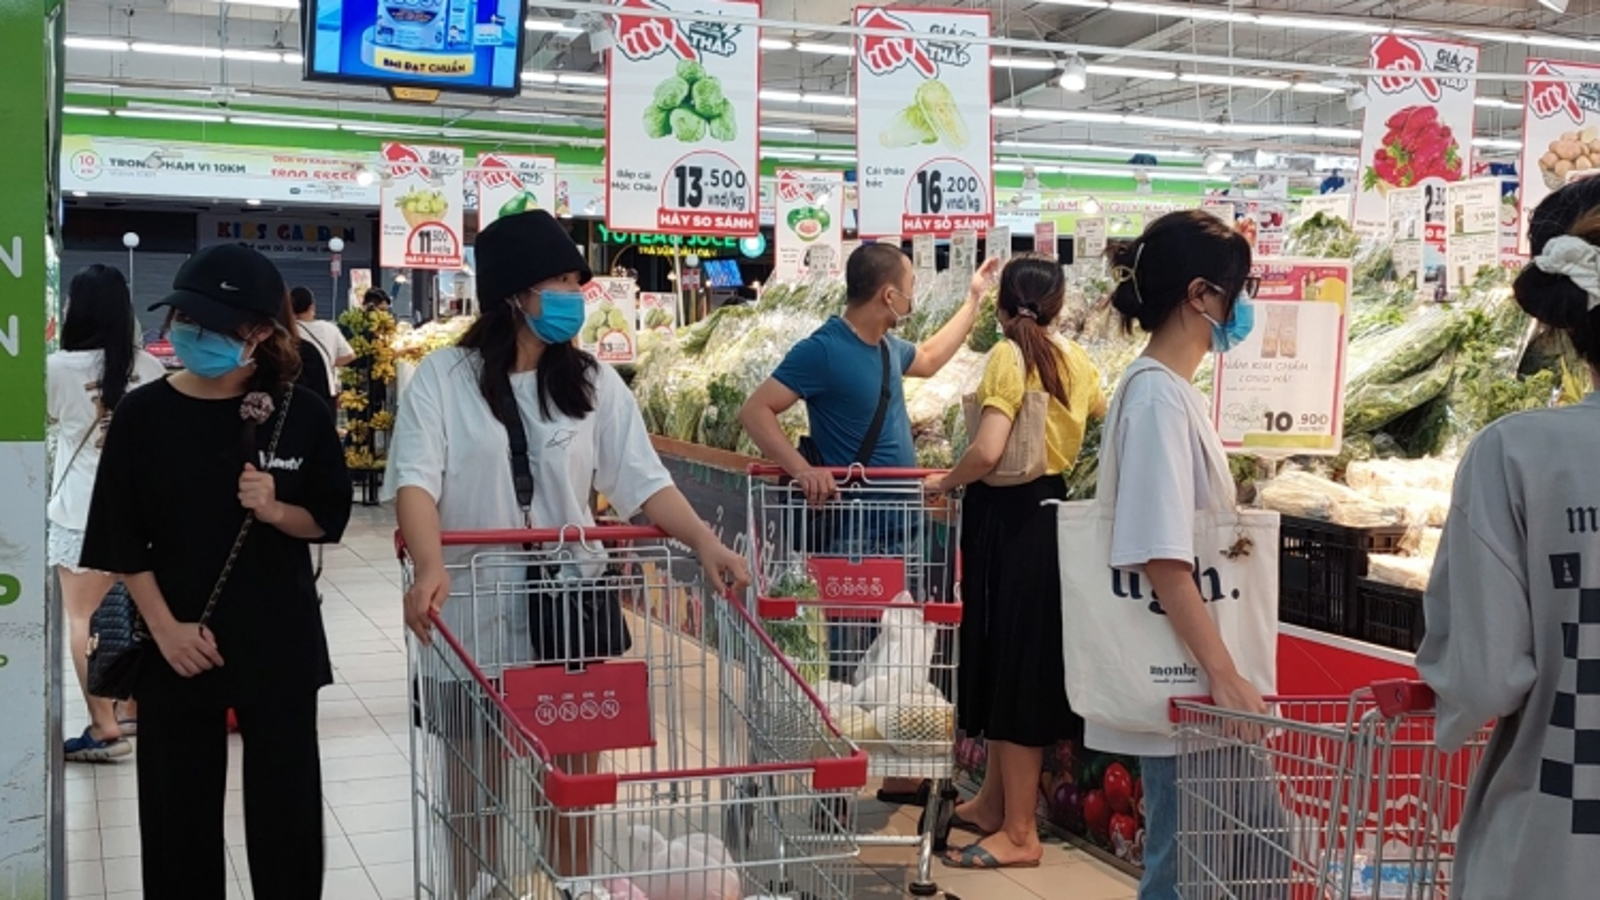 Nhiều người Hà Nội chen chân đi siêu thị sau khi nới lỏng giãn cách